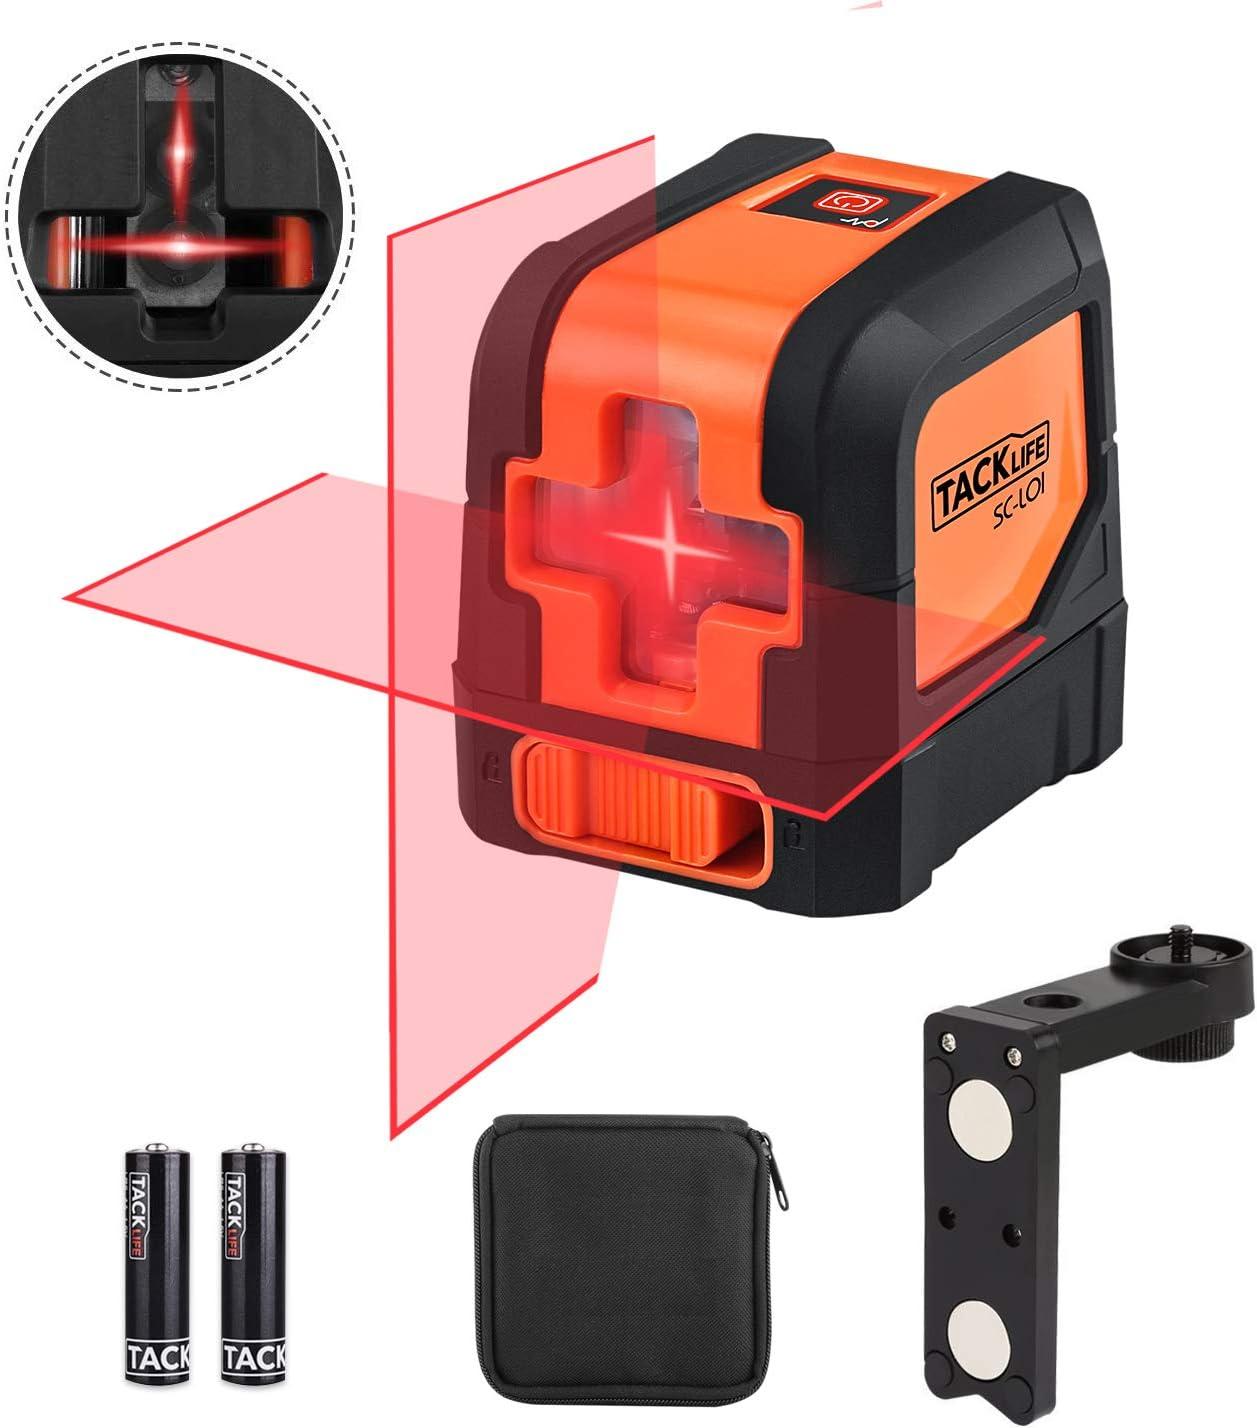 Nivel Láser Cruzado 15 M, Rotación de 360 grados, Automática Horizontal/Vertical, Láser con un Gran Angular de 110 °, Láser Brillante de Rojo, Soporte Giratorio Magnético, IP54, Tacklife SC-L01